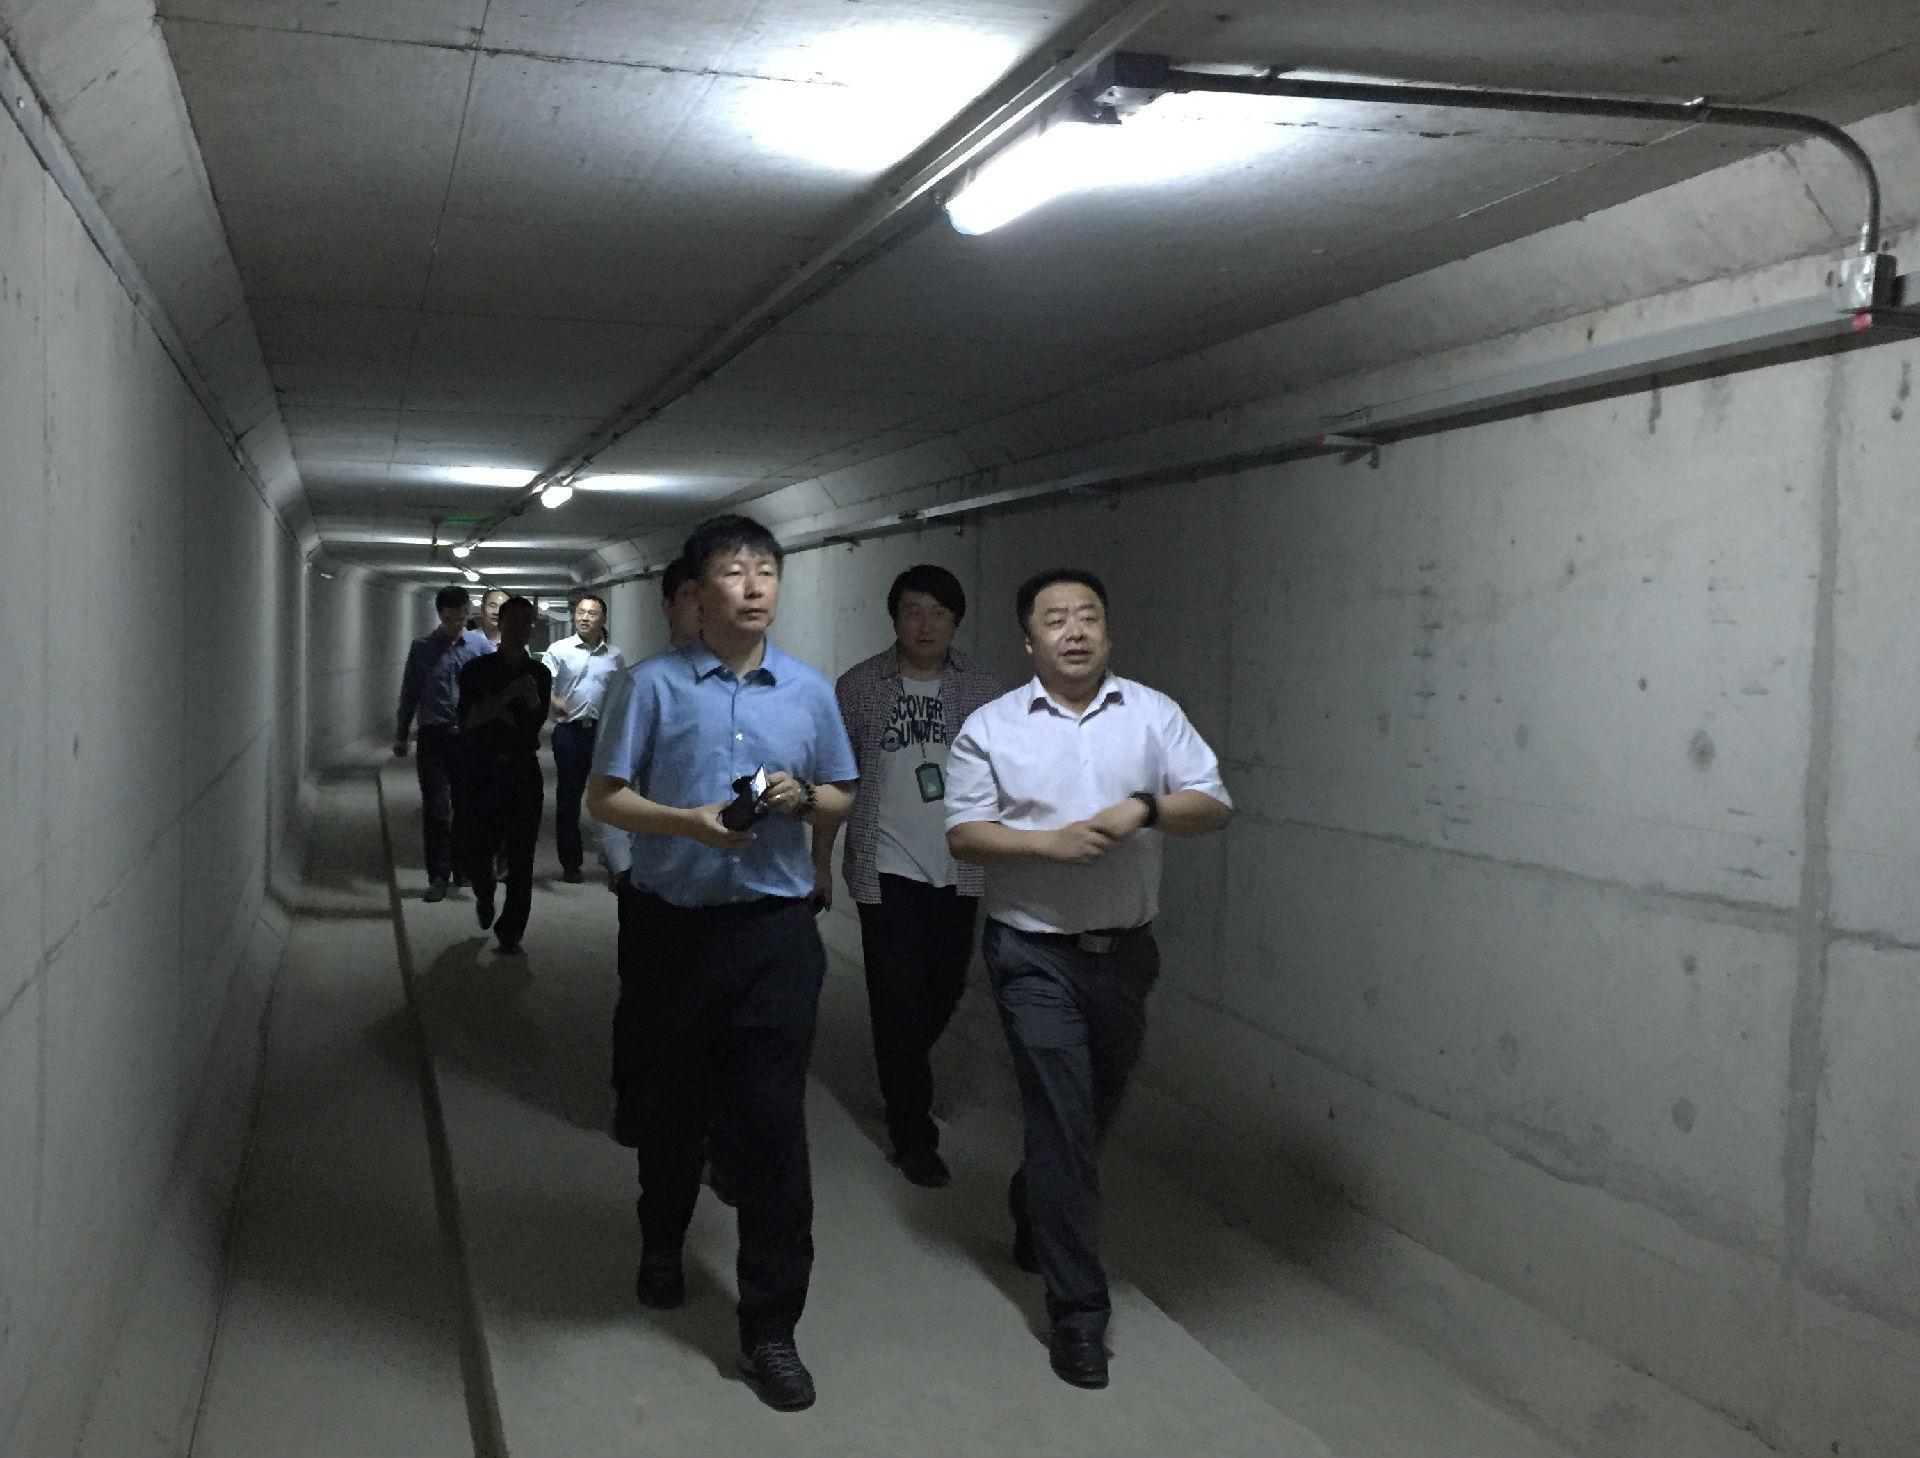 考察了苏州工业园区桑田岛综合管廊